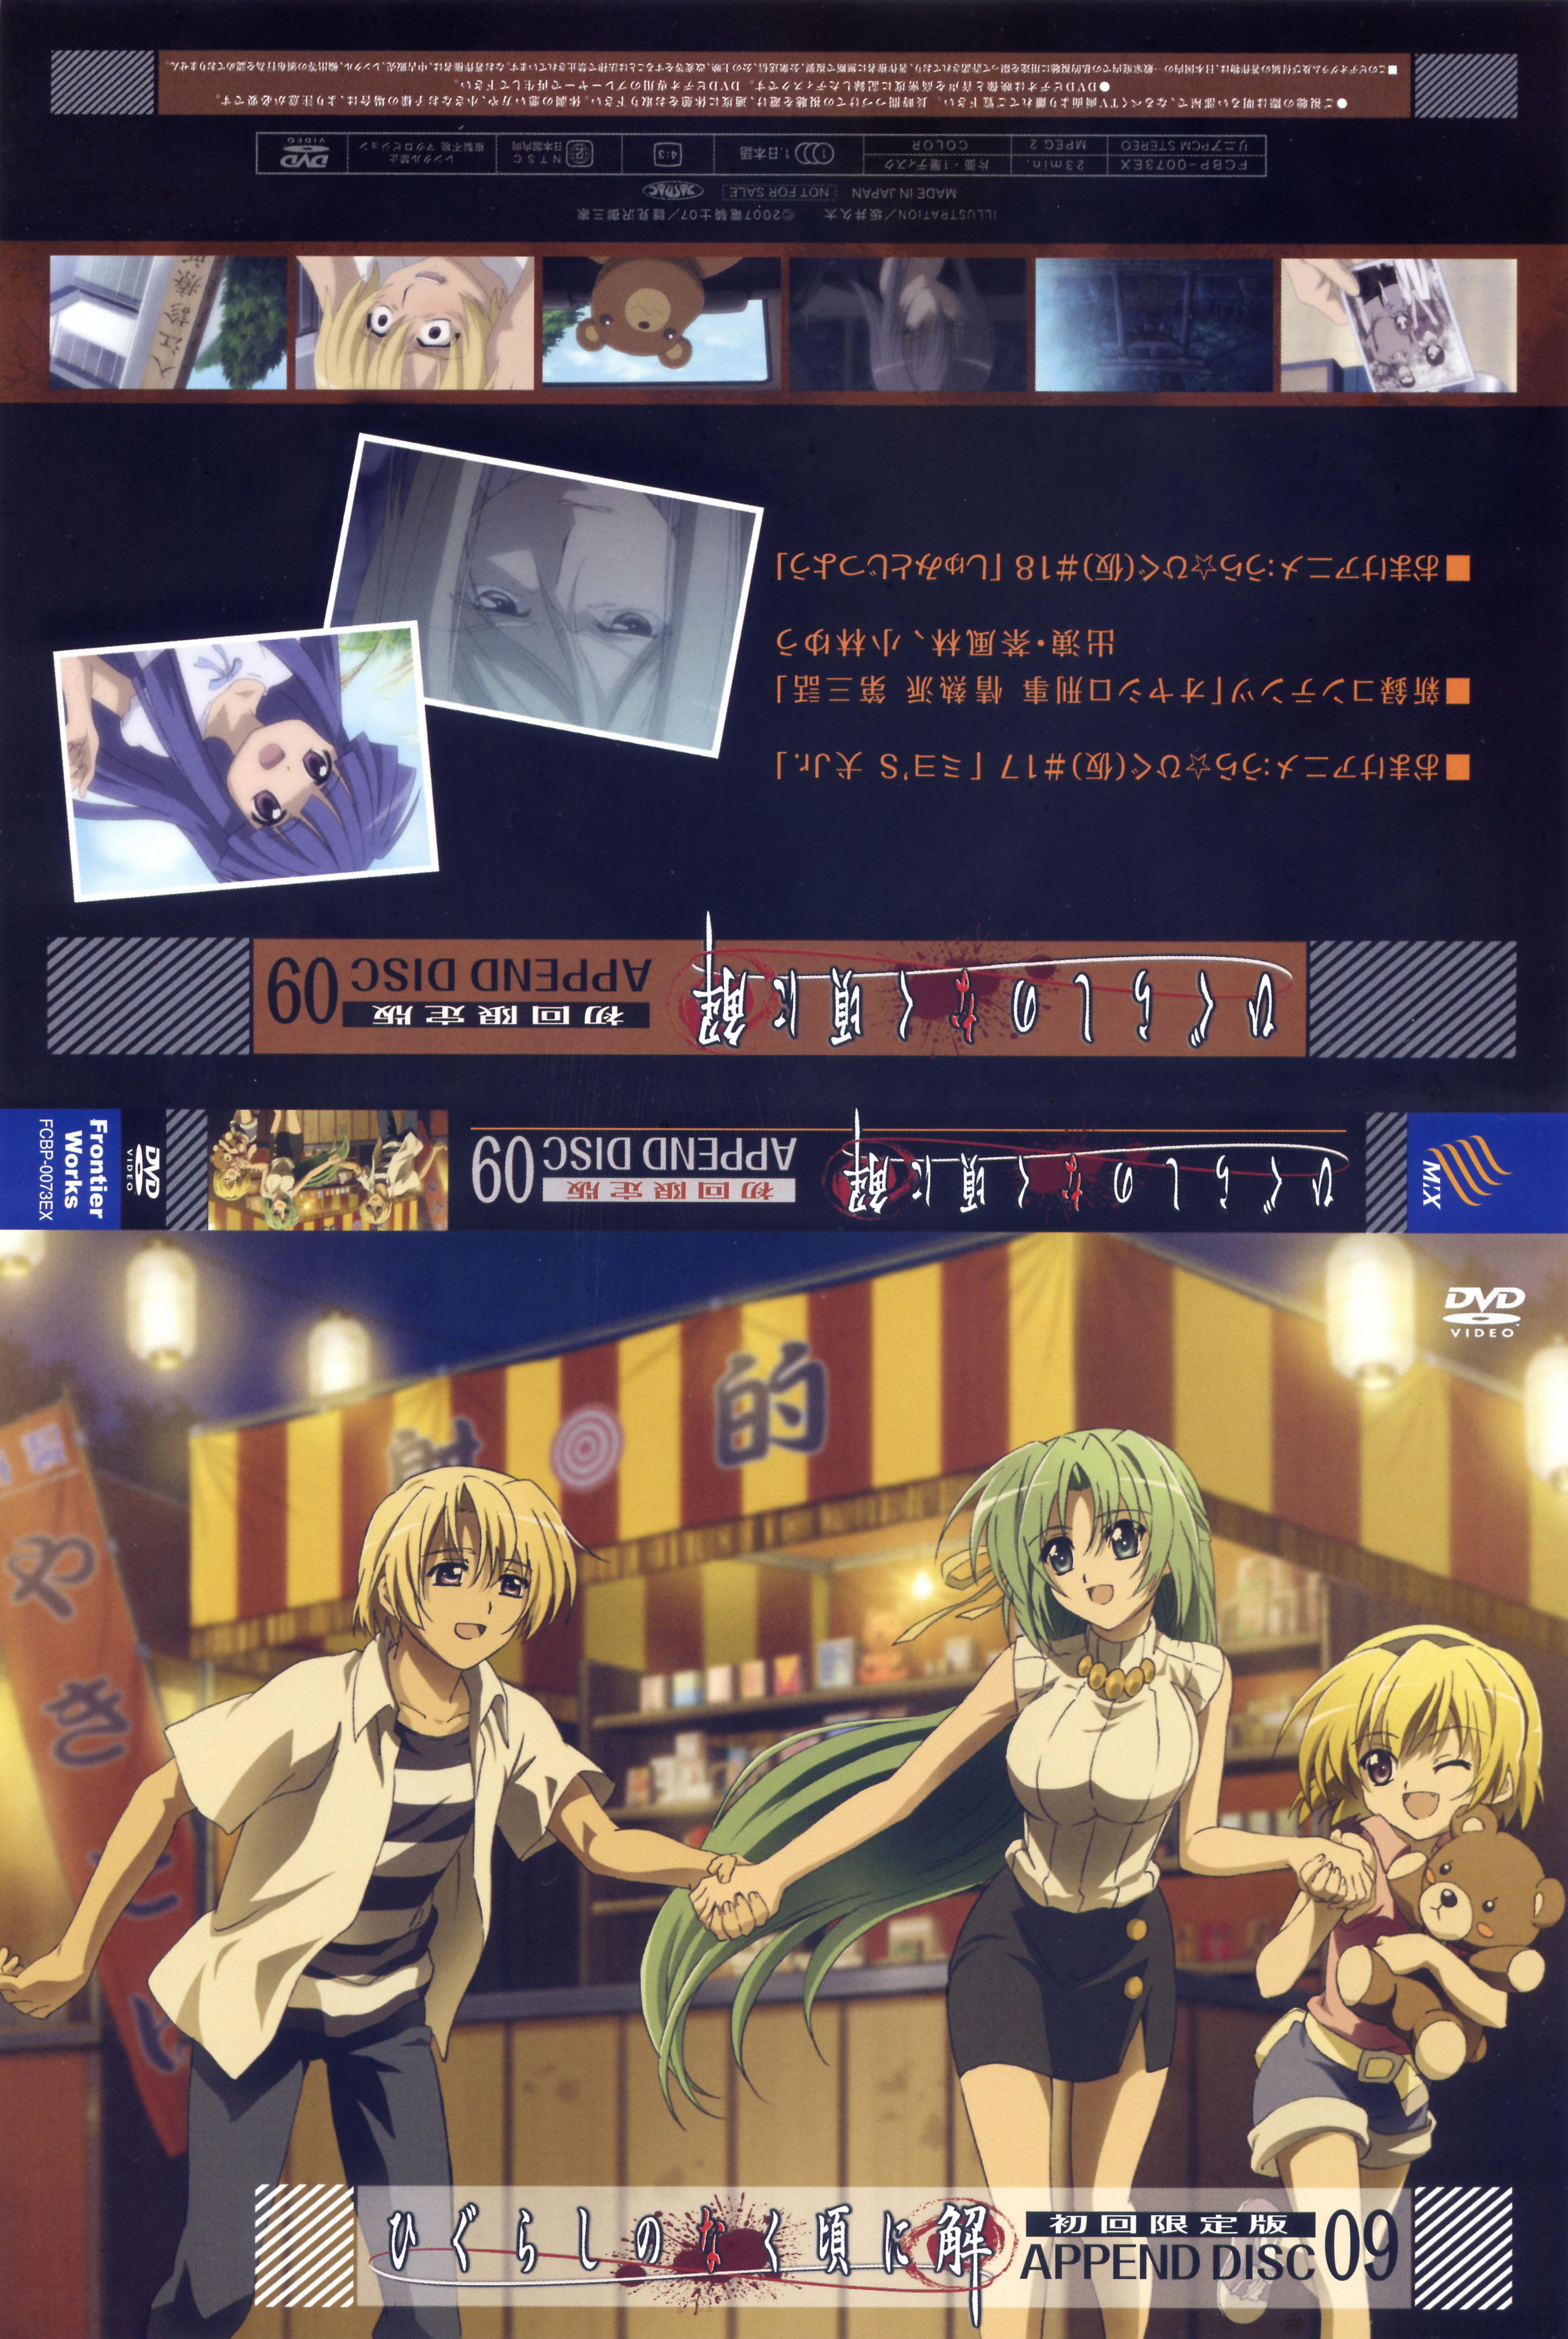 Higurashi No Naku Koro Ni When They Cry Image 2359033 Zerochan Anime Image Board